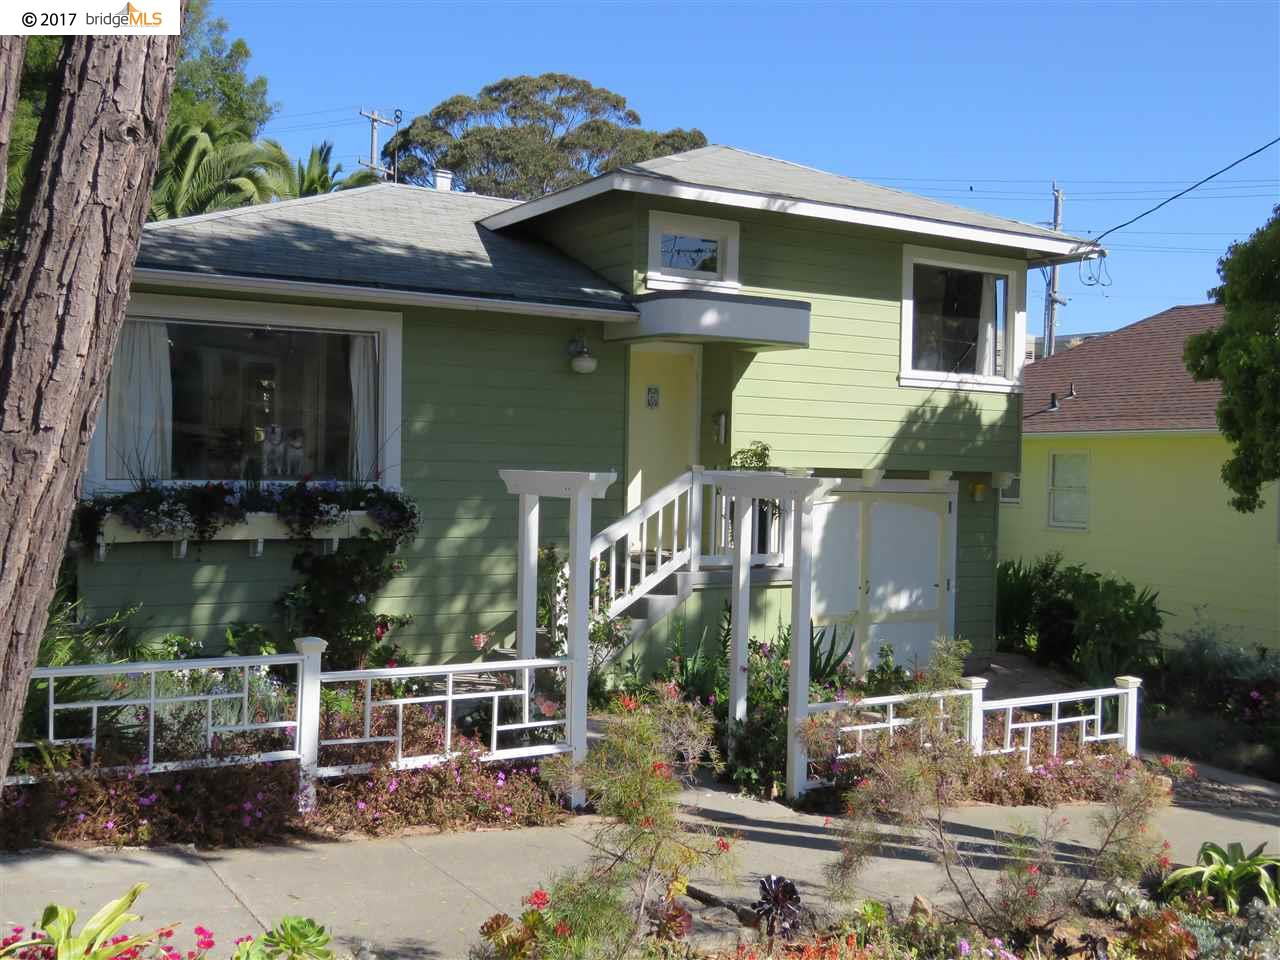 Maison unifamiliale pour l Vente à 122 CASTRO STREET Point Richmond, Californie 94801 États-Unis